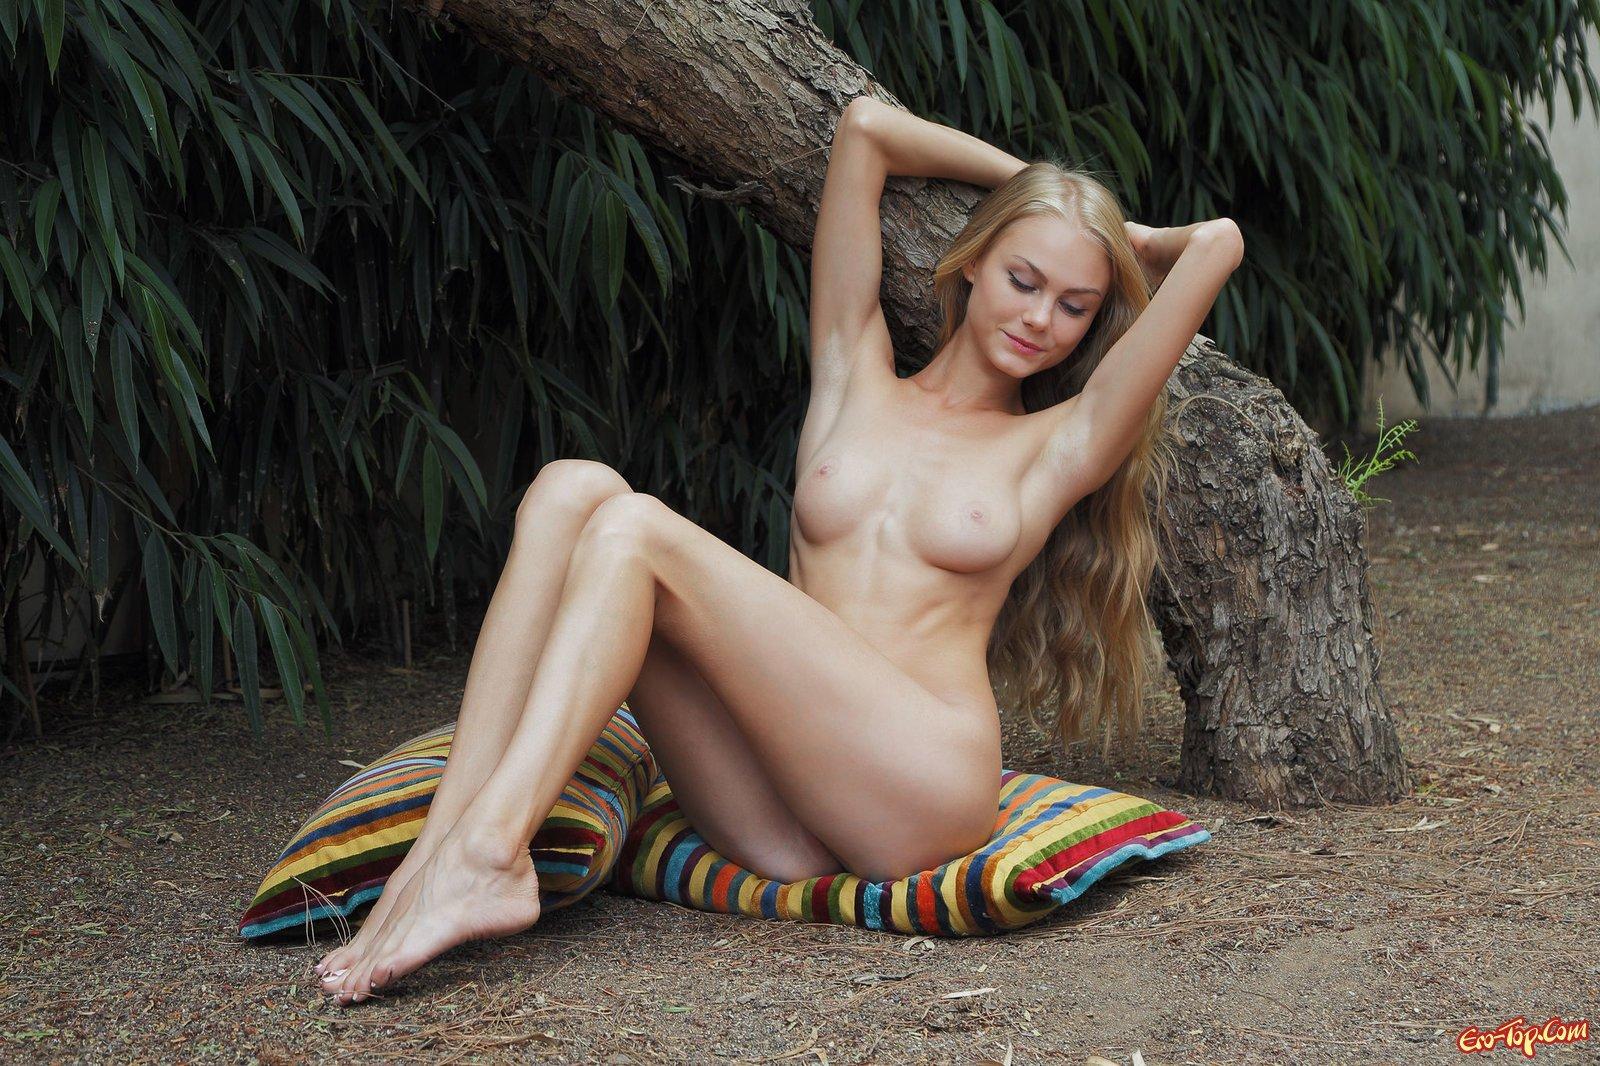 Вонючая блондиночка скинула белоснежные трусики секс фото